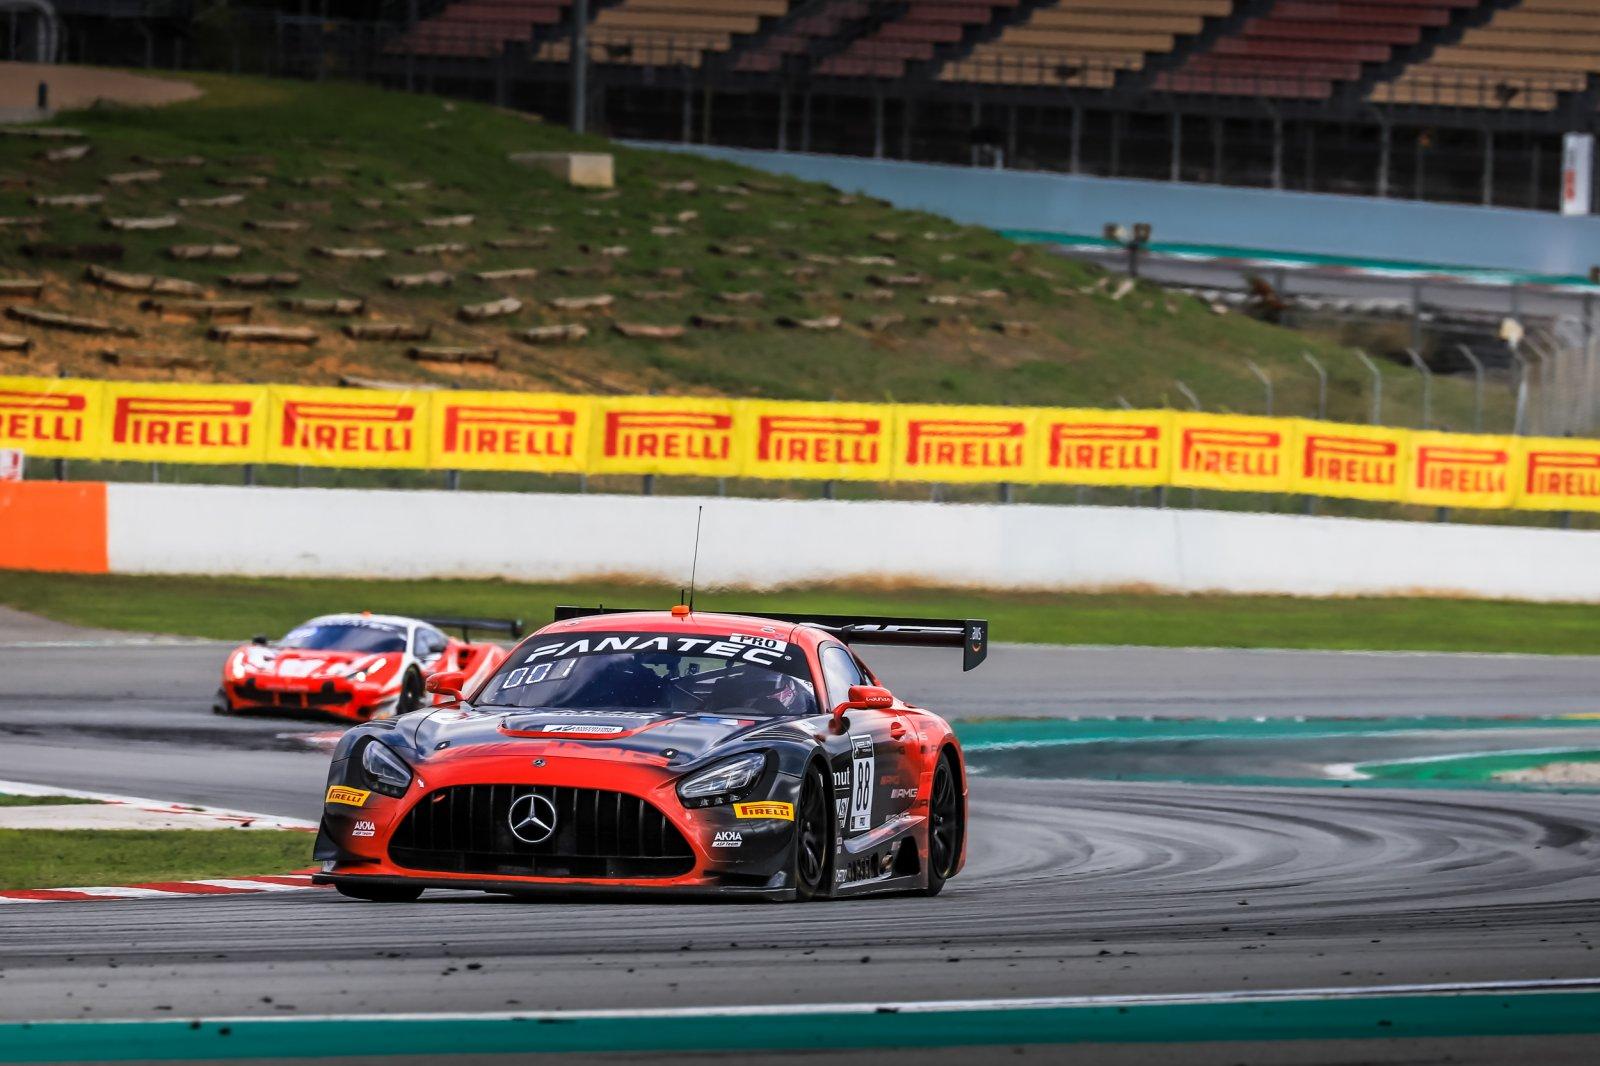 Mercedes-AMG completes perfect Saturday at Circuit de Barcelona-Catalunya